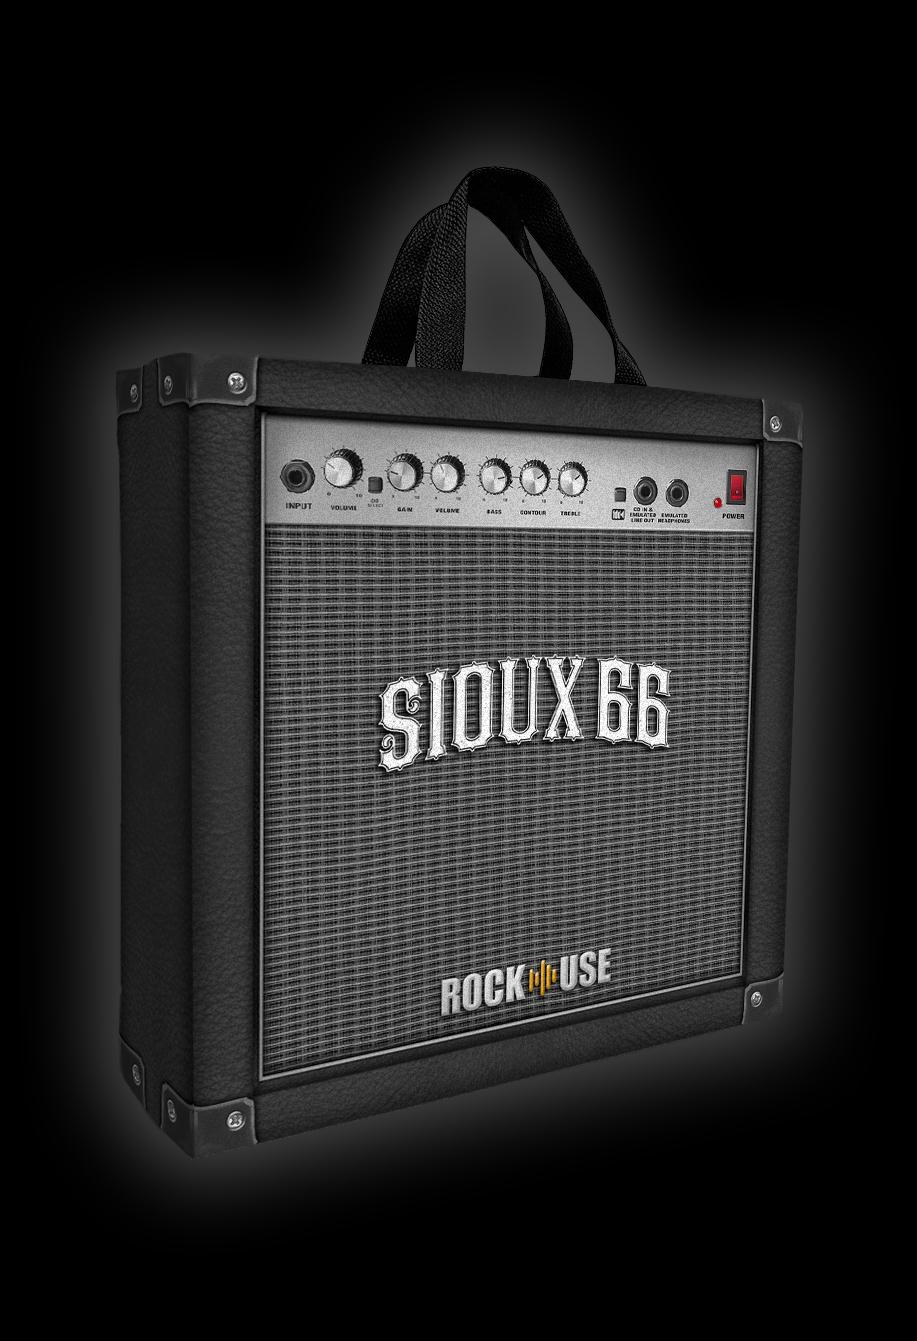 Sacola Sioux 66